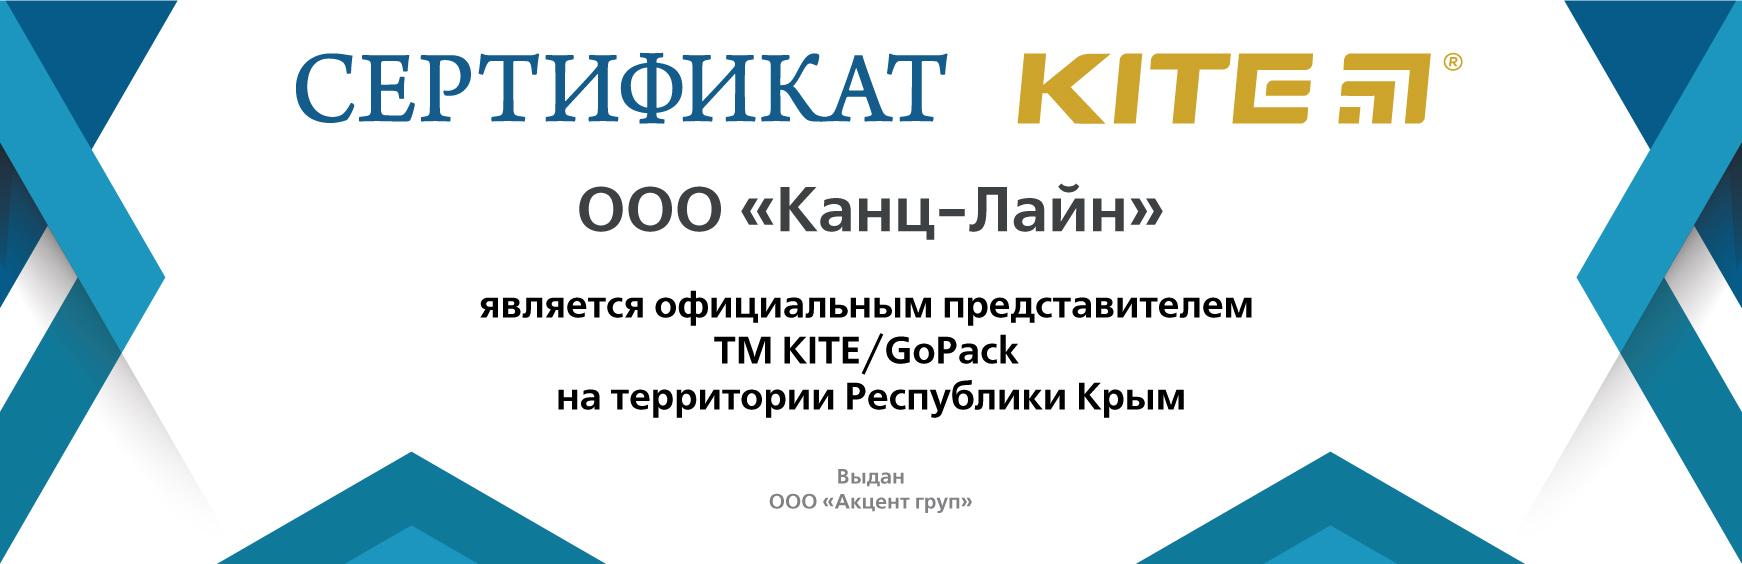 Официальный представитель в Крыму!